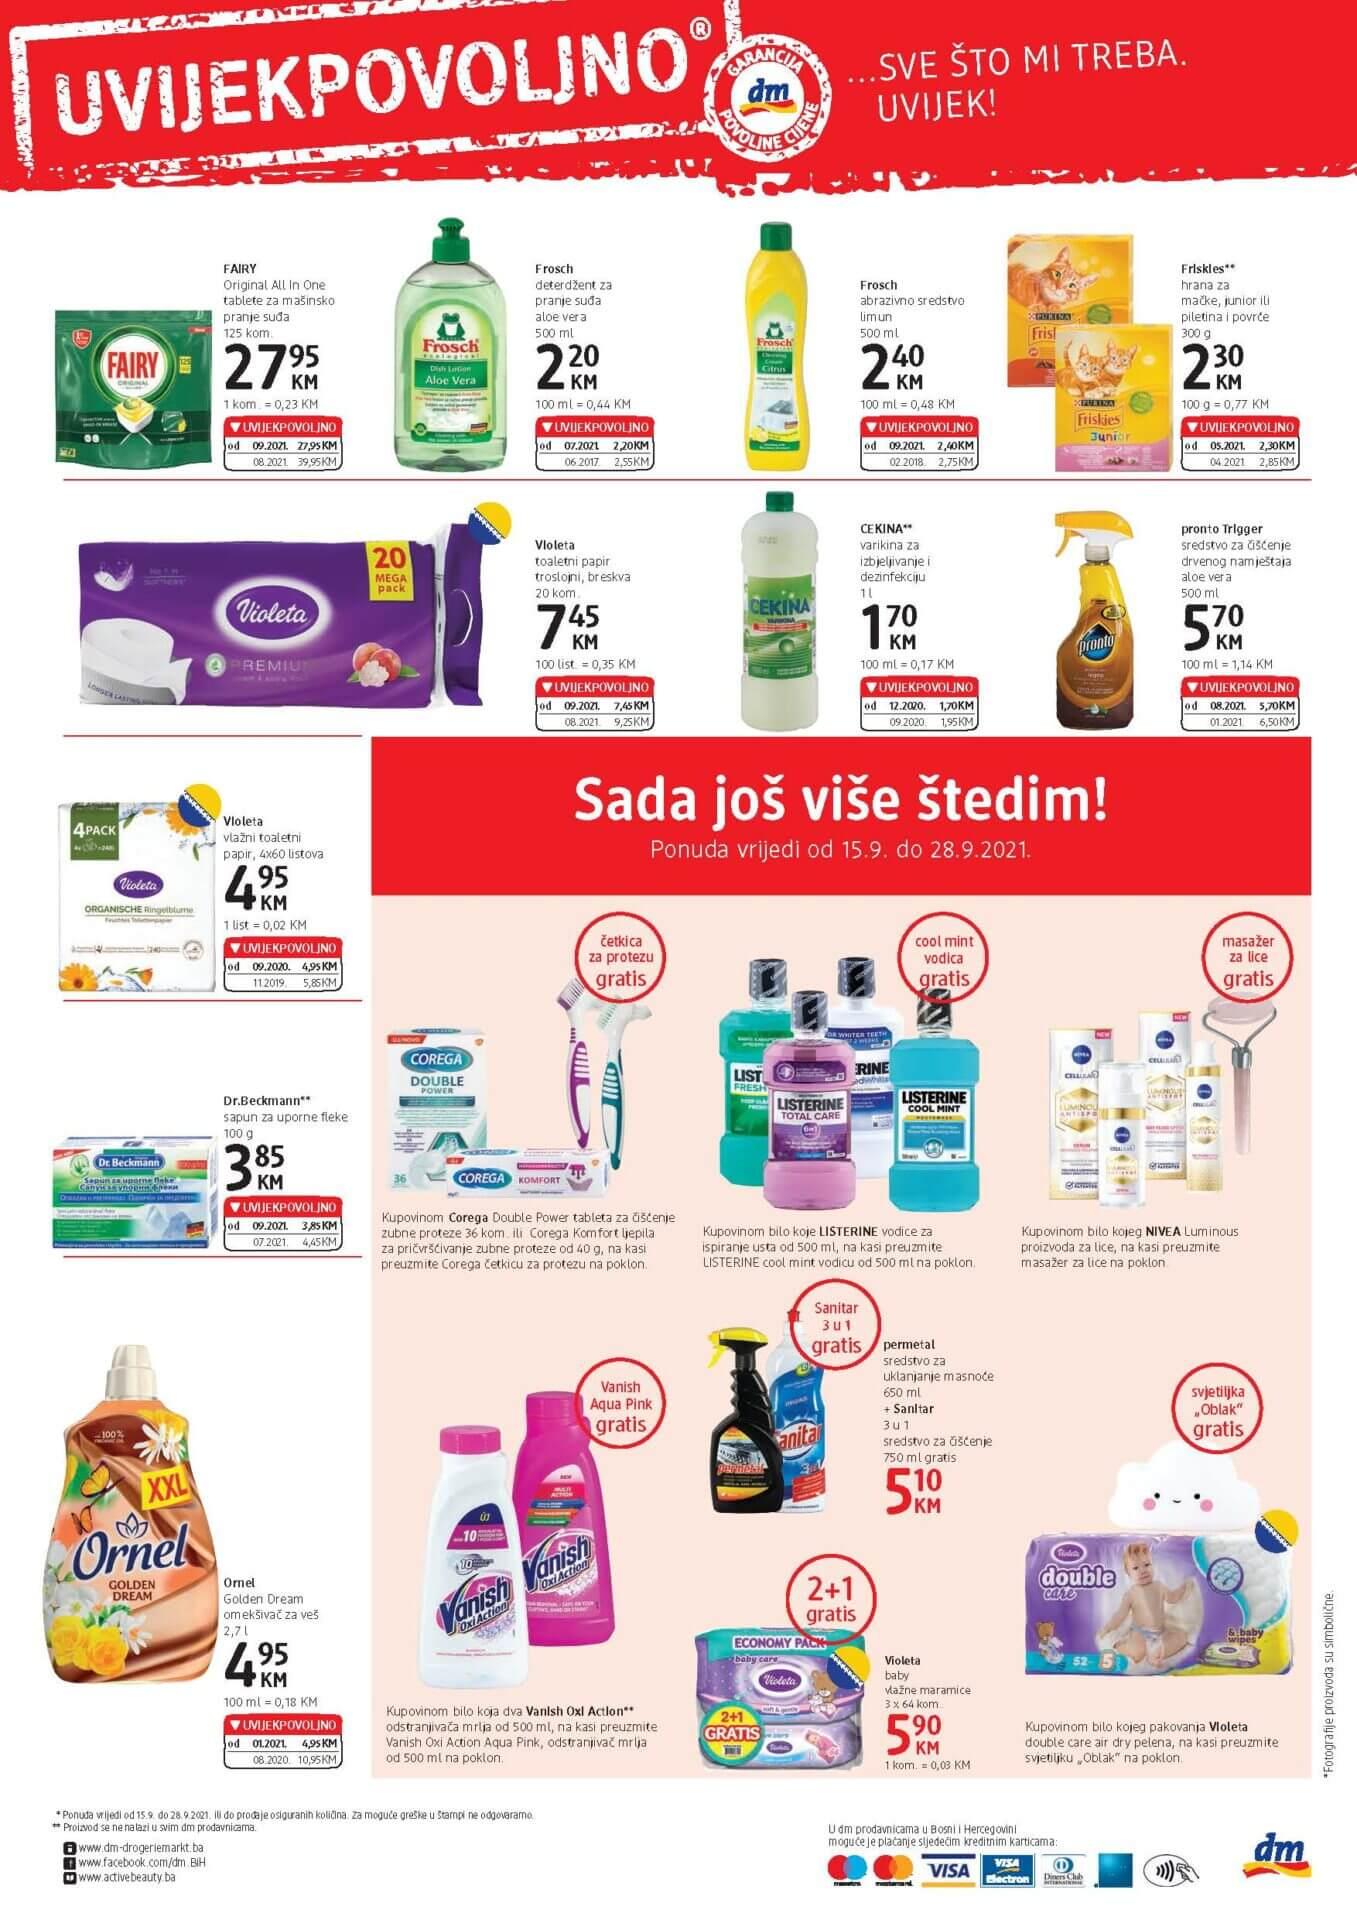 DM Express Katalog BiH SEPTEMBAR 2021 15.9.2021. 28.9.2021. Page 4